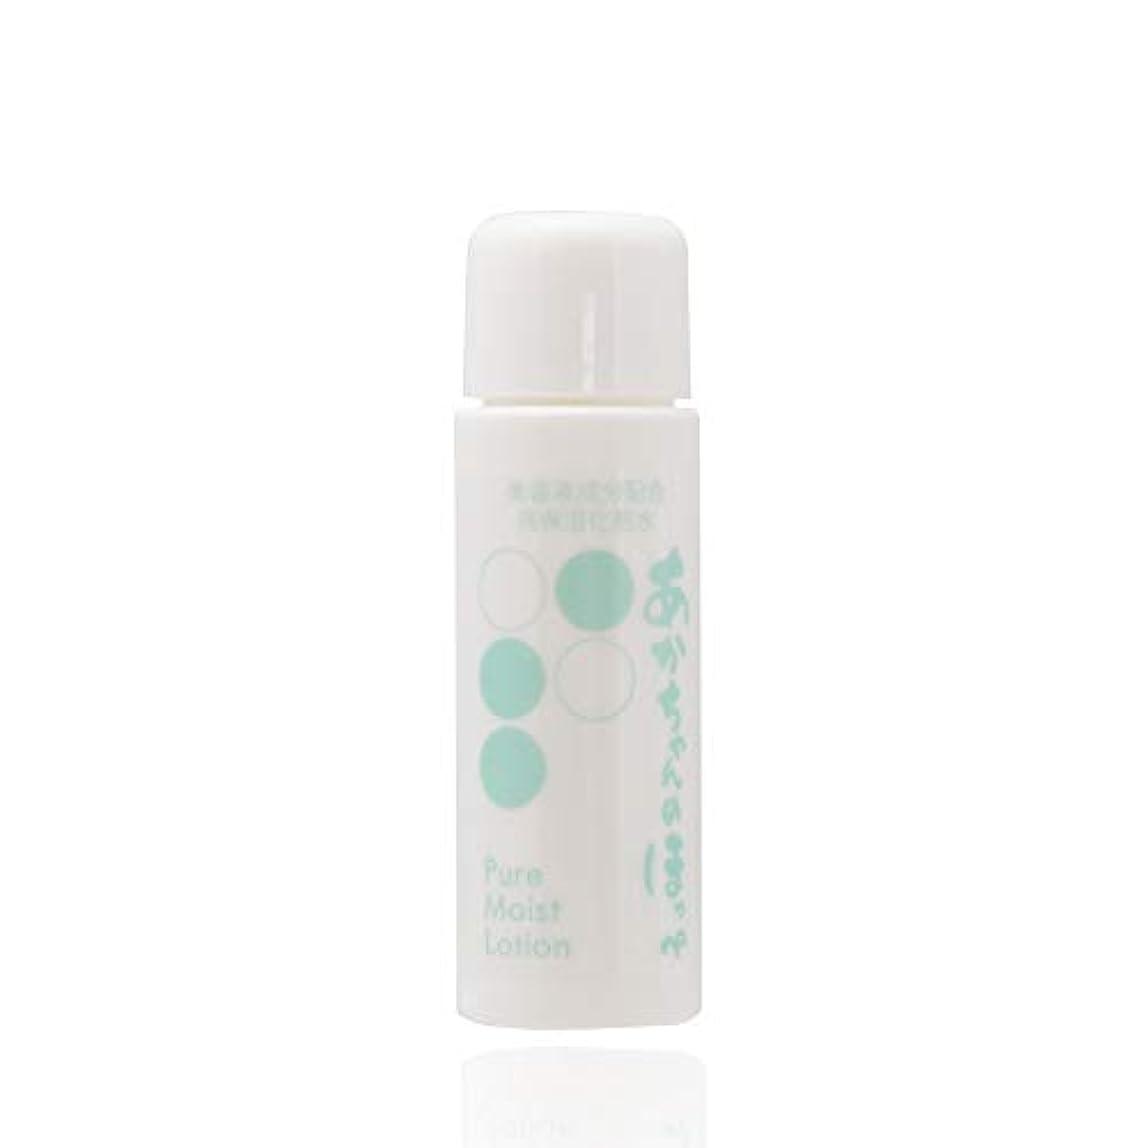 美容液からつくった高保湿栄養化粧水 「あかちゃんのほっぺ」 PureMoist 20ml 明日のお肌が好きになる化粧水